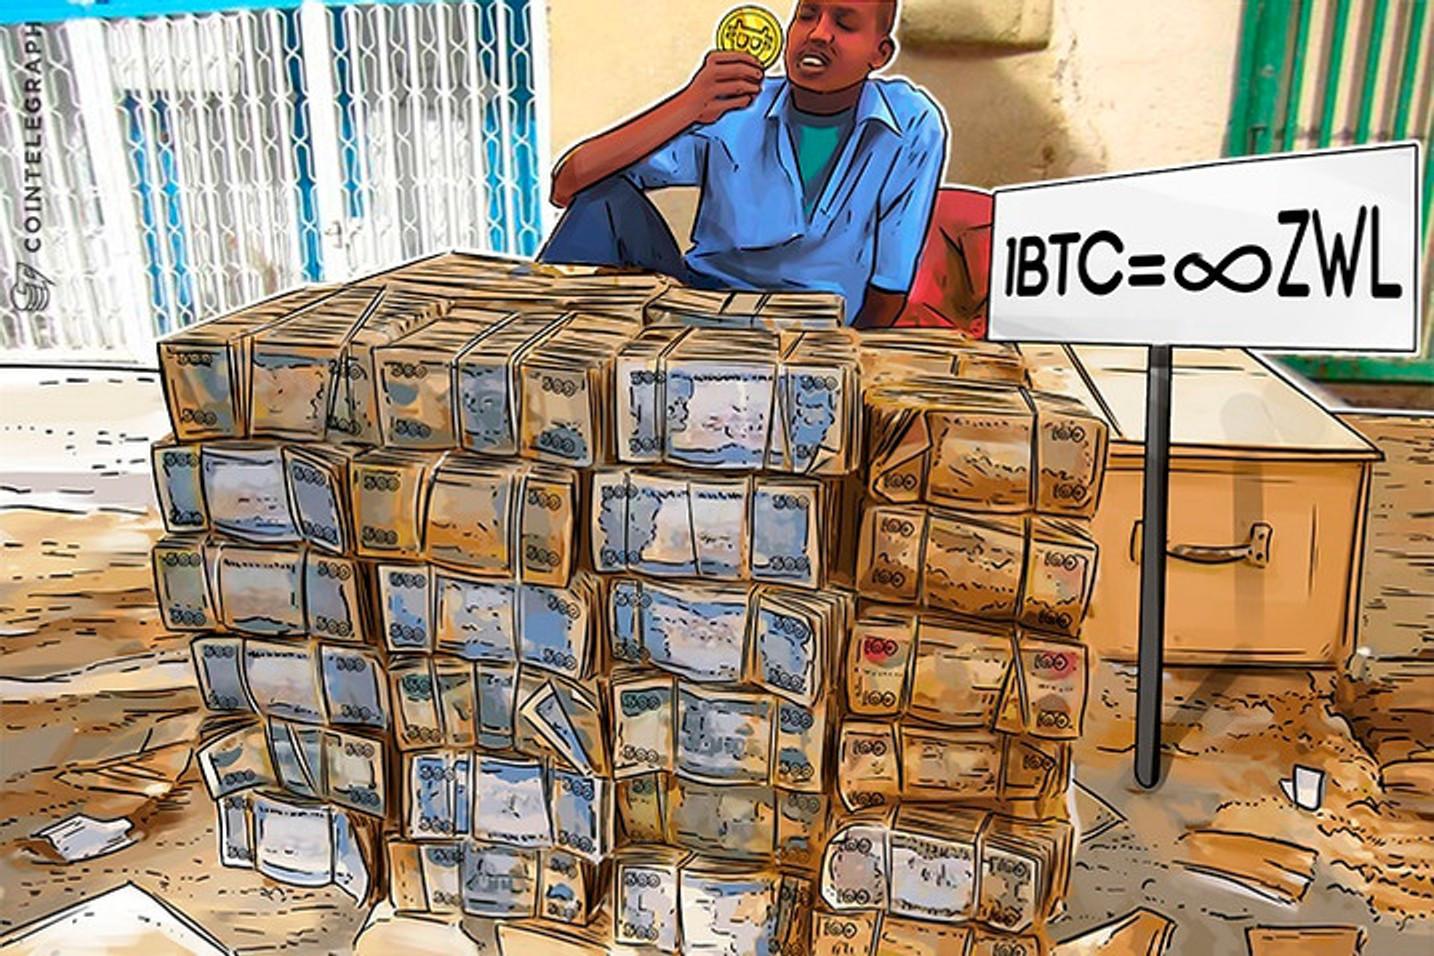 Las criptomonedas podrían ser una opción ante una posible devaluación de algunas monedas fiat